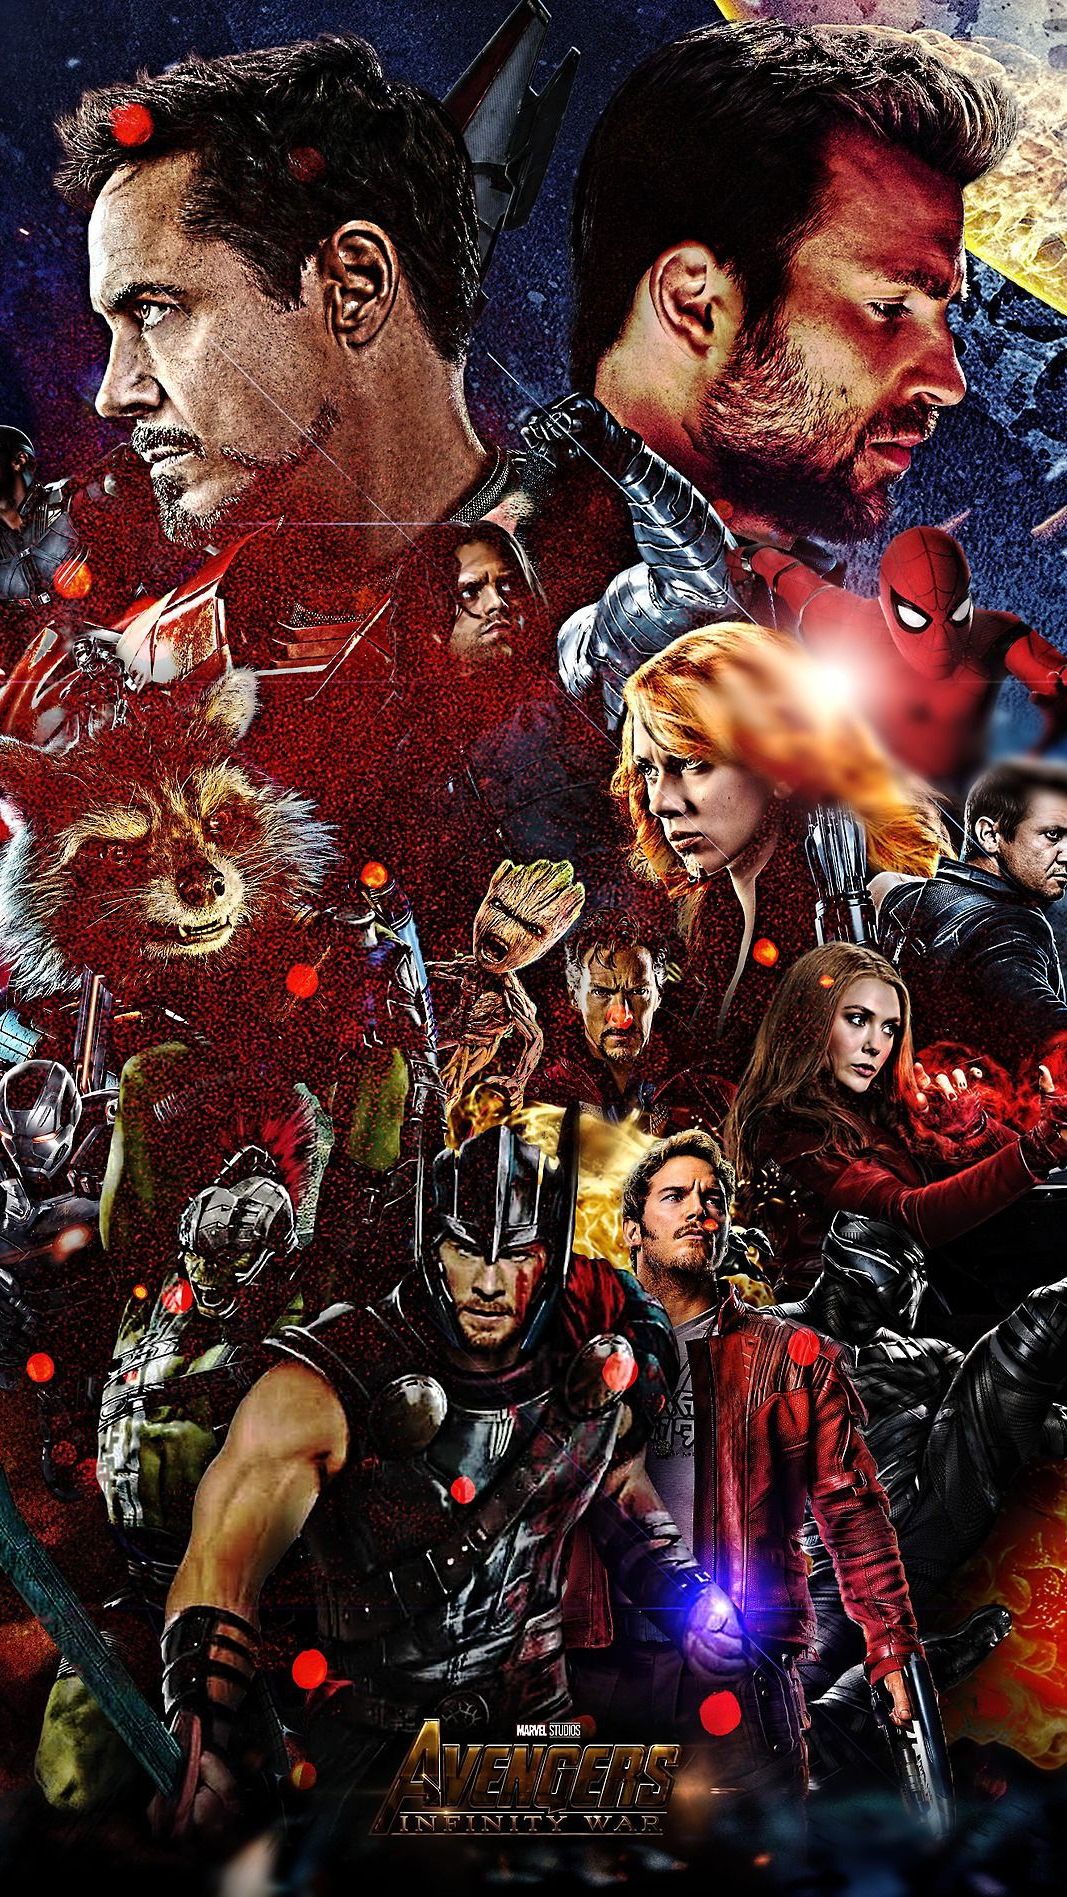 Avengers Infinity War Superheroes Poster iPhone Wallpaper iphoneswallpapers com